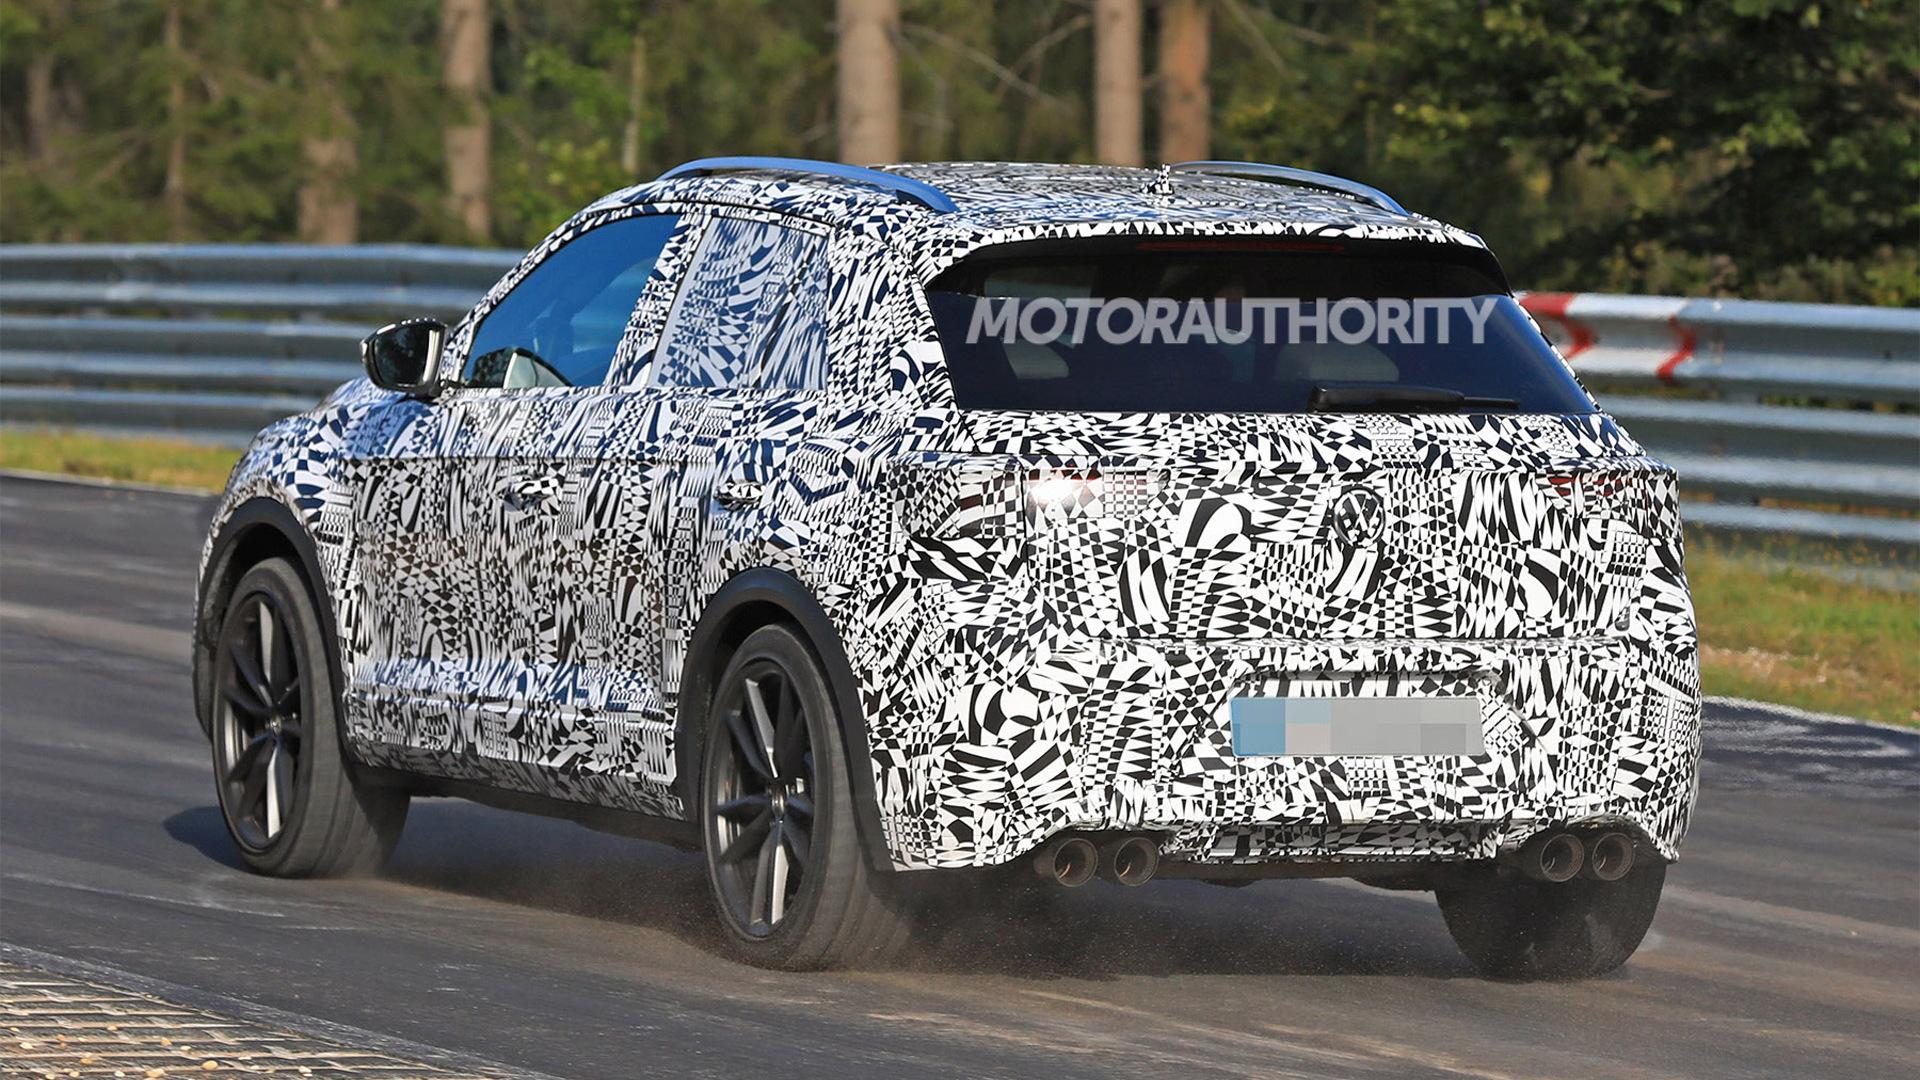 2019 Volkswagen T-Roc R spy shots - Image via S. Baldauf/SB-Medien